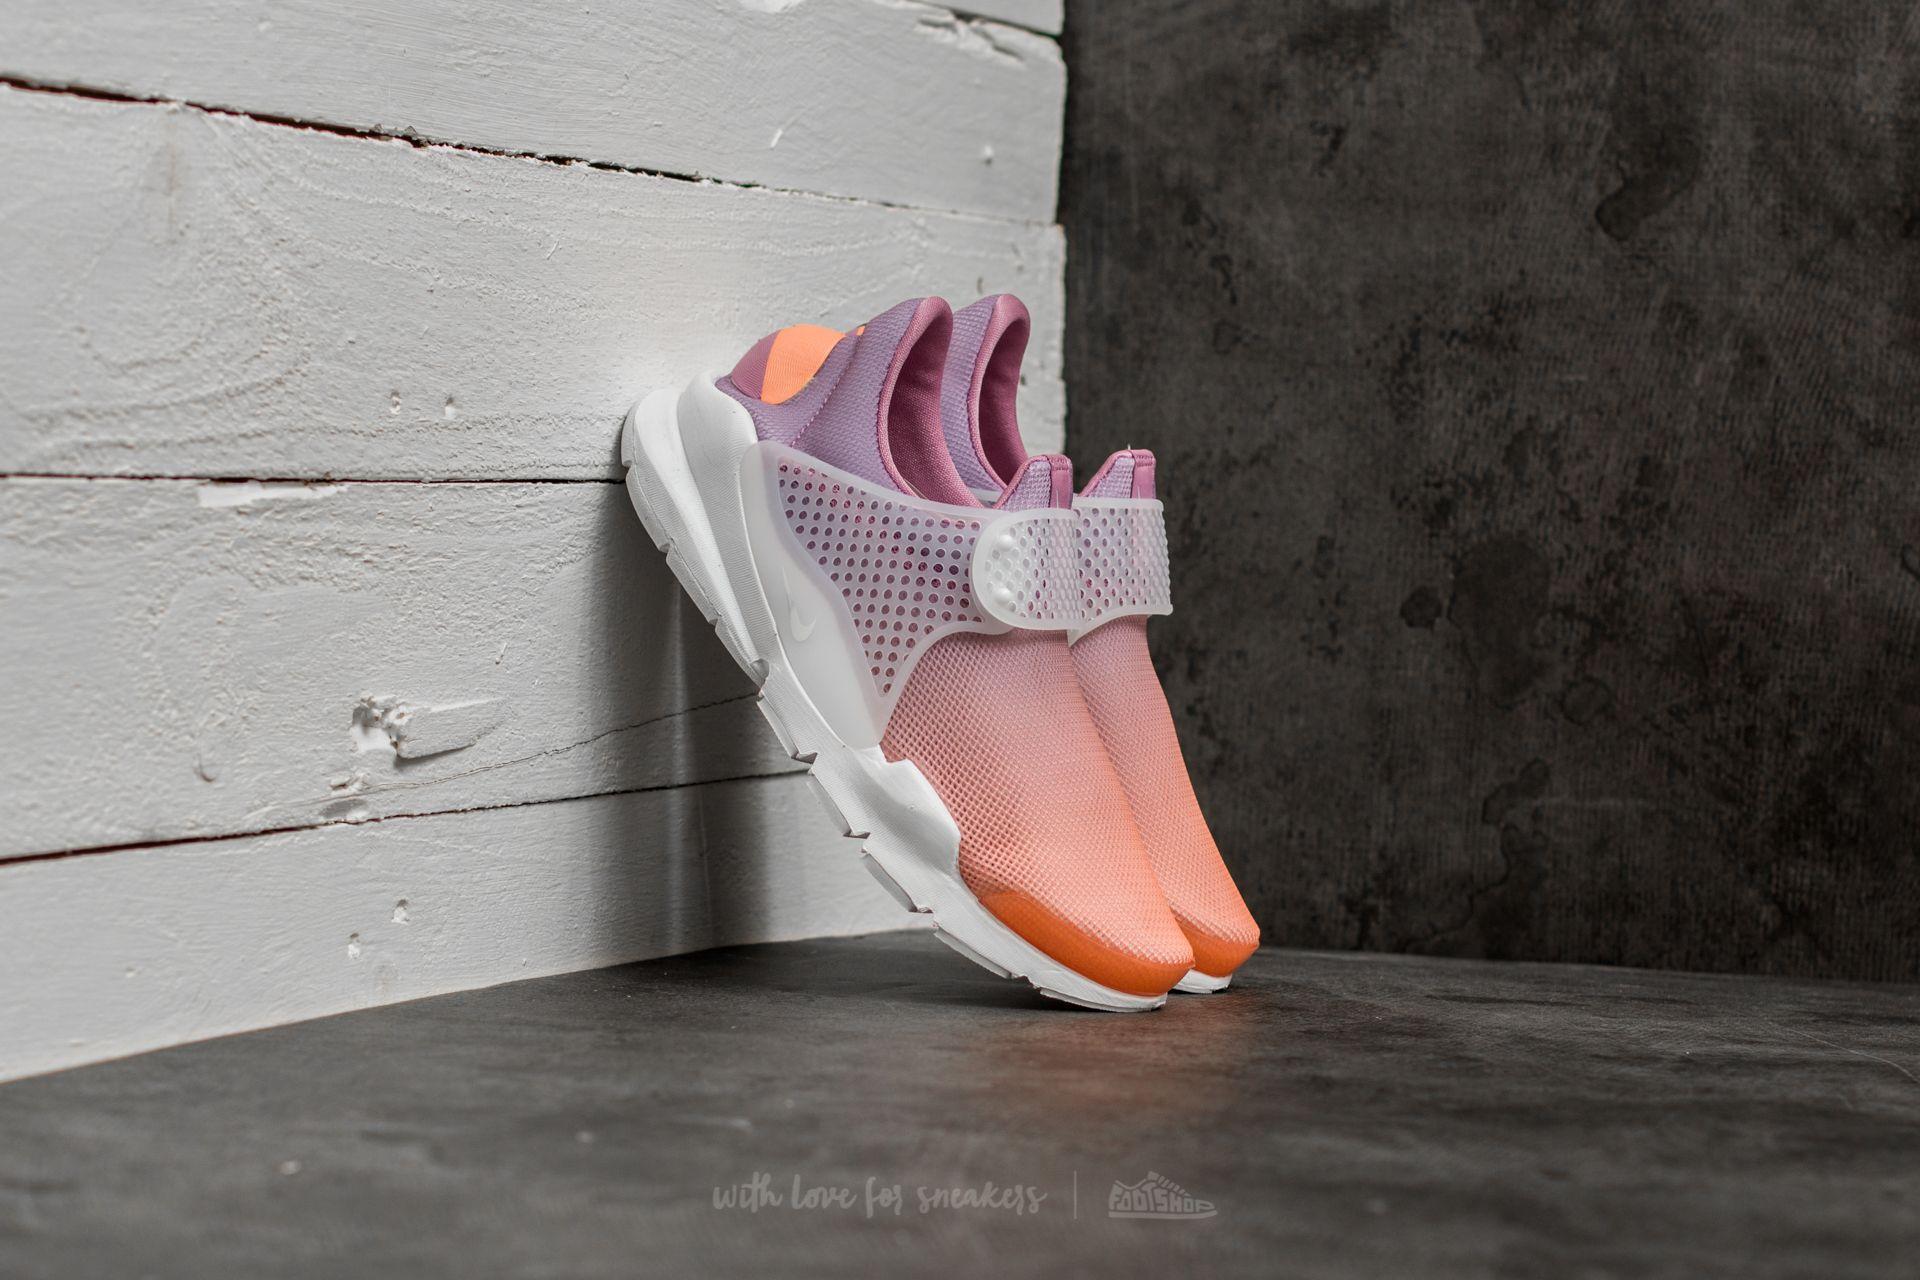 Dámske topánky a tenisky Nike Wmns Sock Dart Br Sunset Glow/ White-Orchid